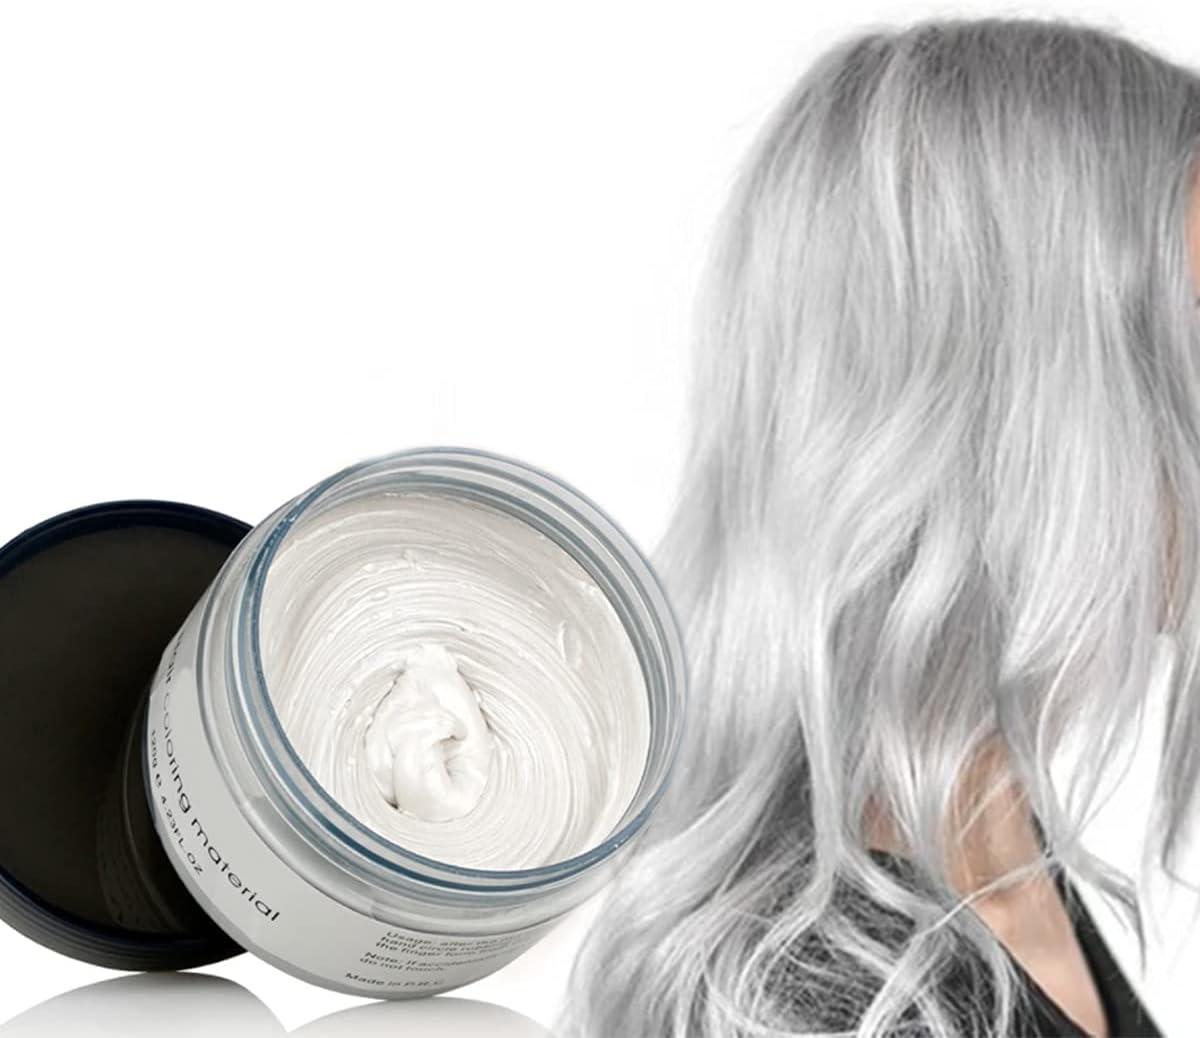 Color Cabello Cera Tinte Instantáneo para Cabello Lodo Cabello Desechable Crema para Peinado Natural Modelado Temporal Pomada Arcilla Blanco